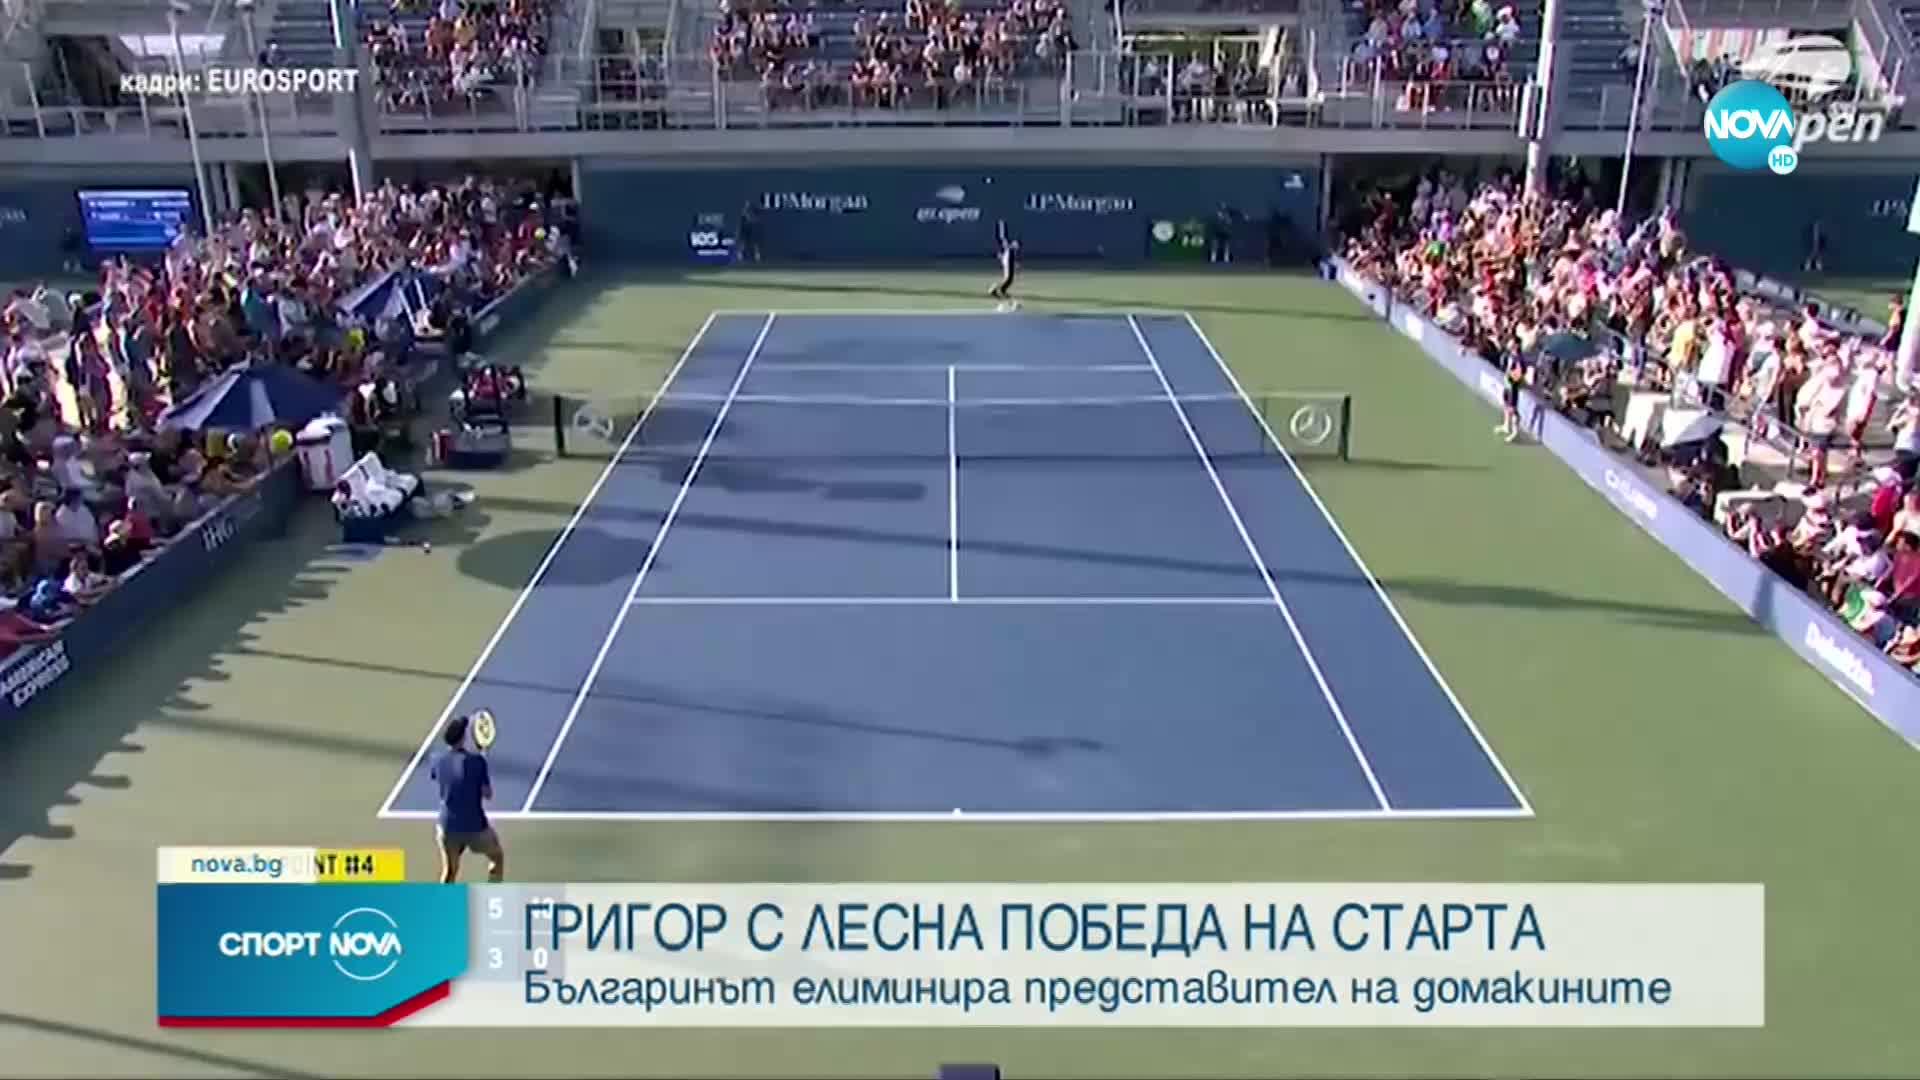 Григор Димитров тръгна с трисетова победа на US Open